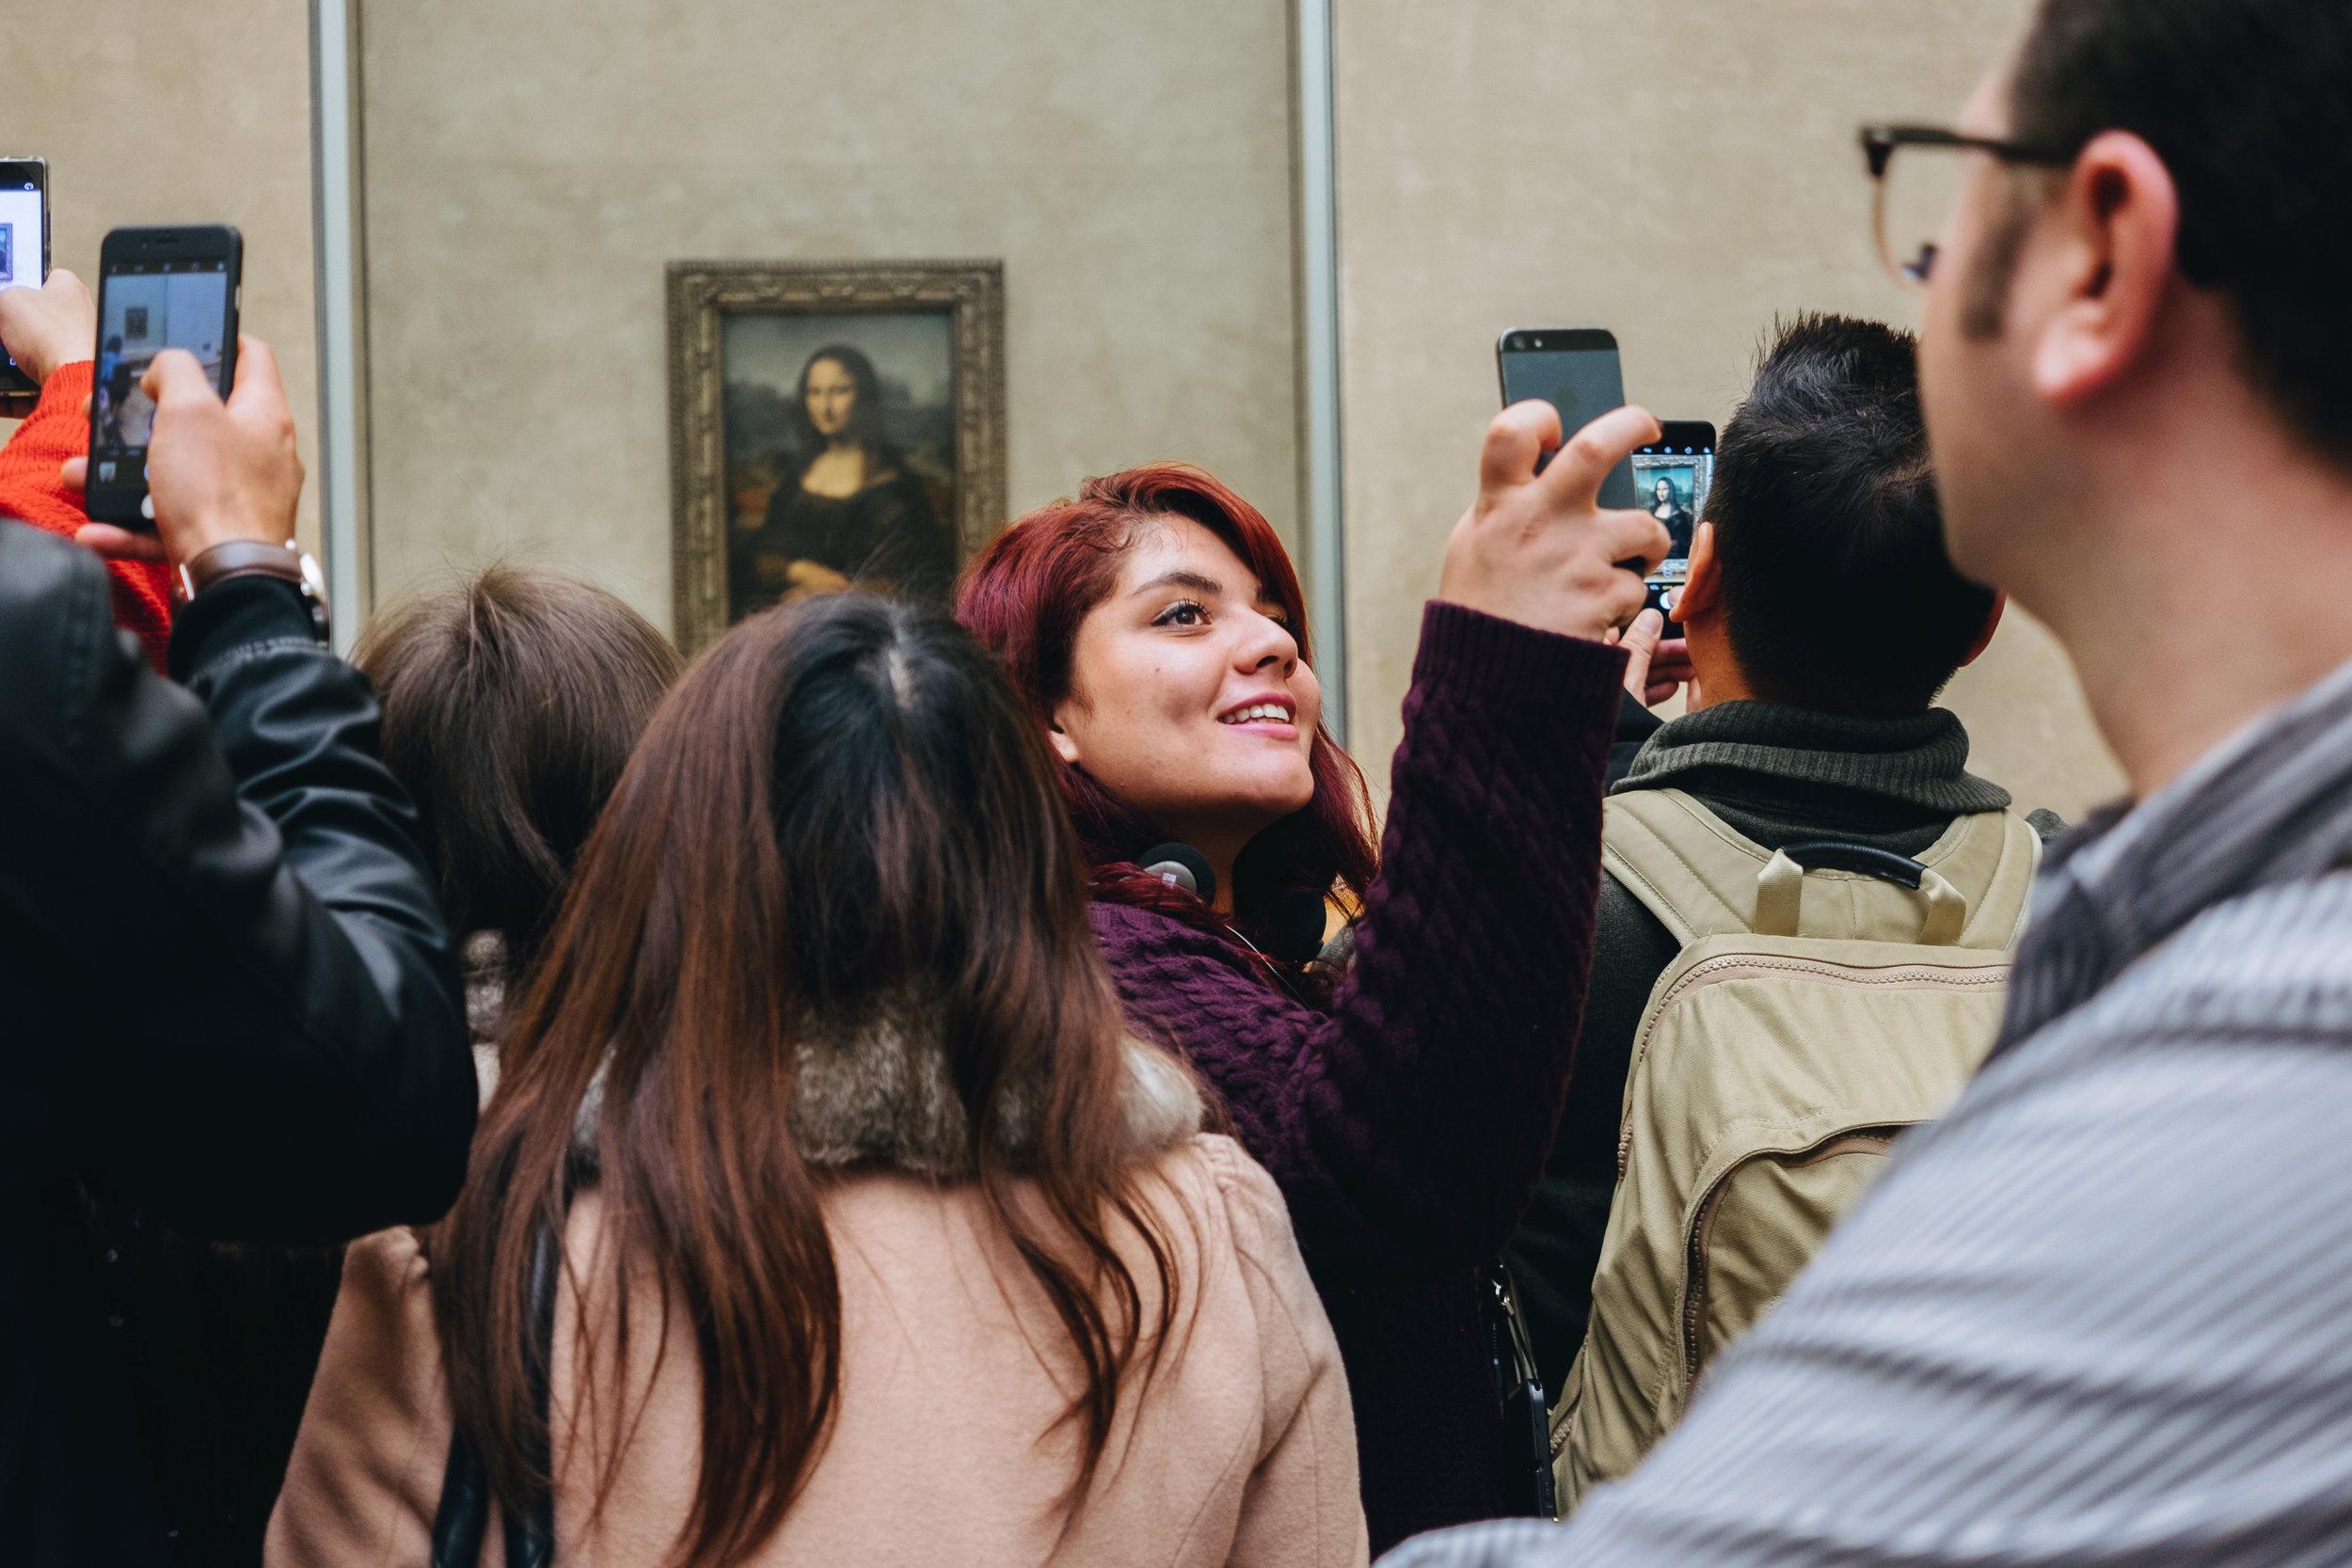 Mona Lisa, The Louvre; Paris, France